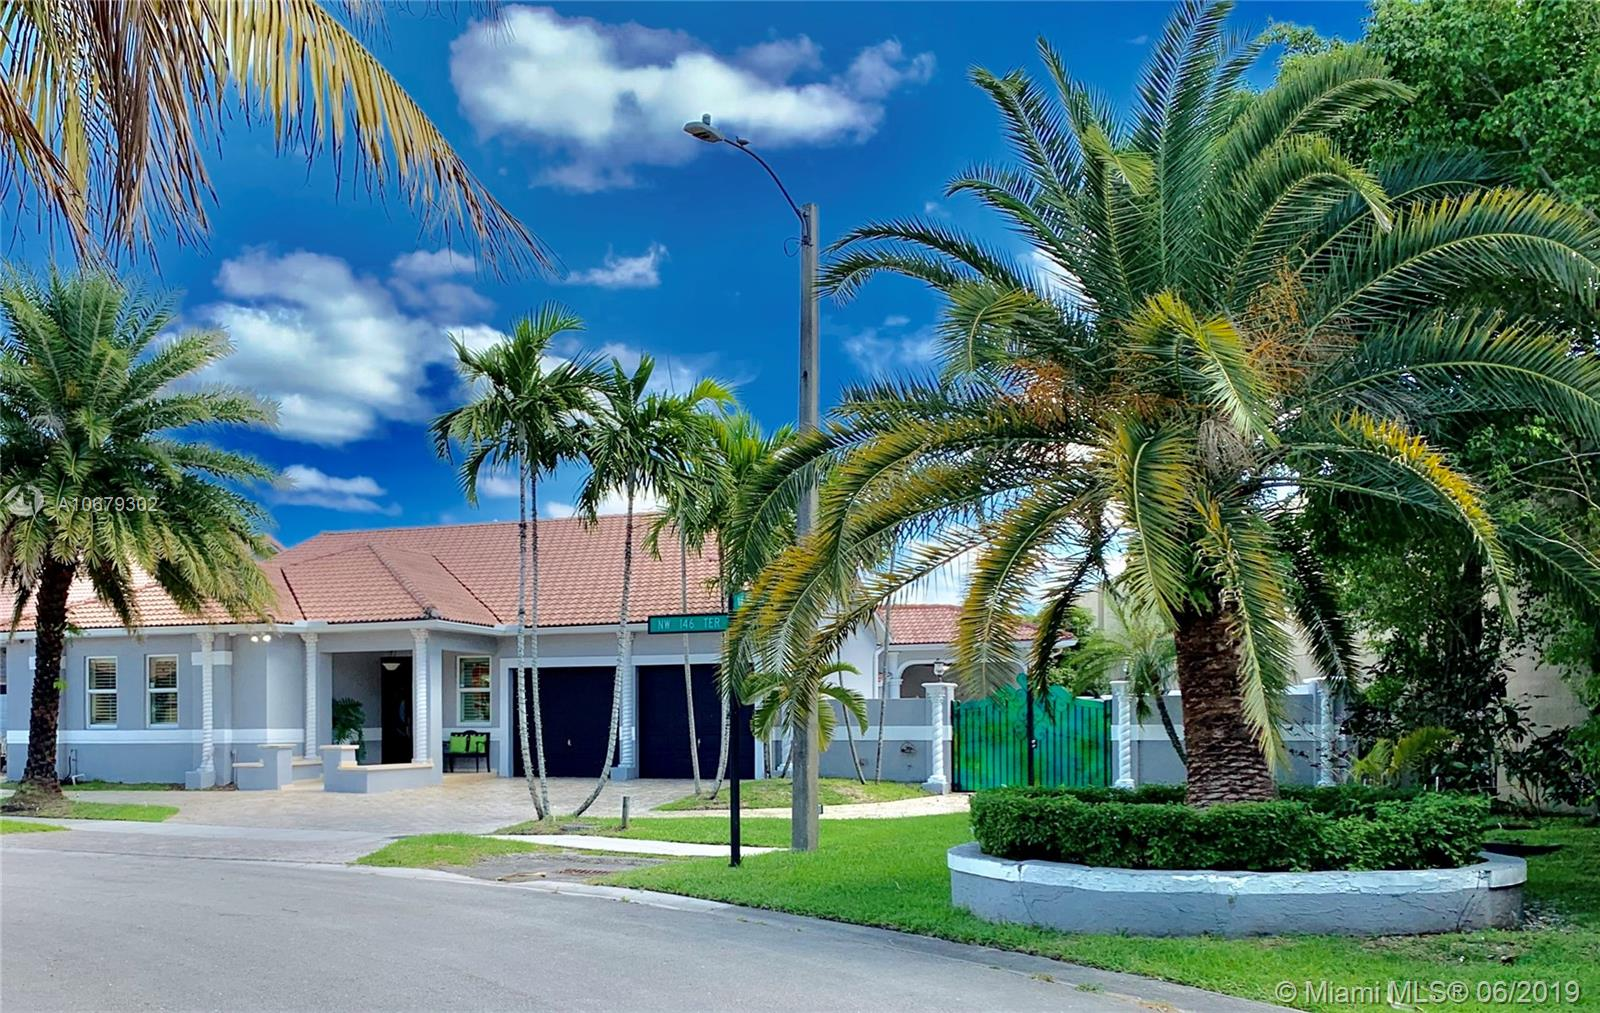 9164 NW 146th Ter, Miami Lakes, FL 33018